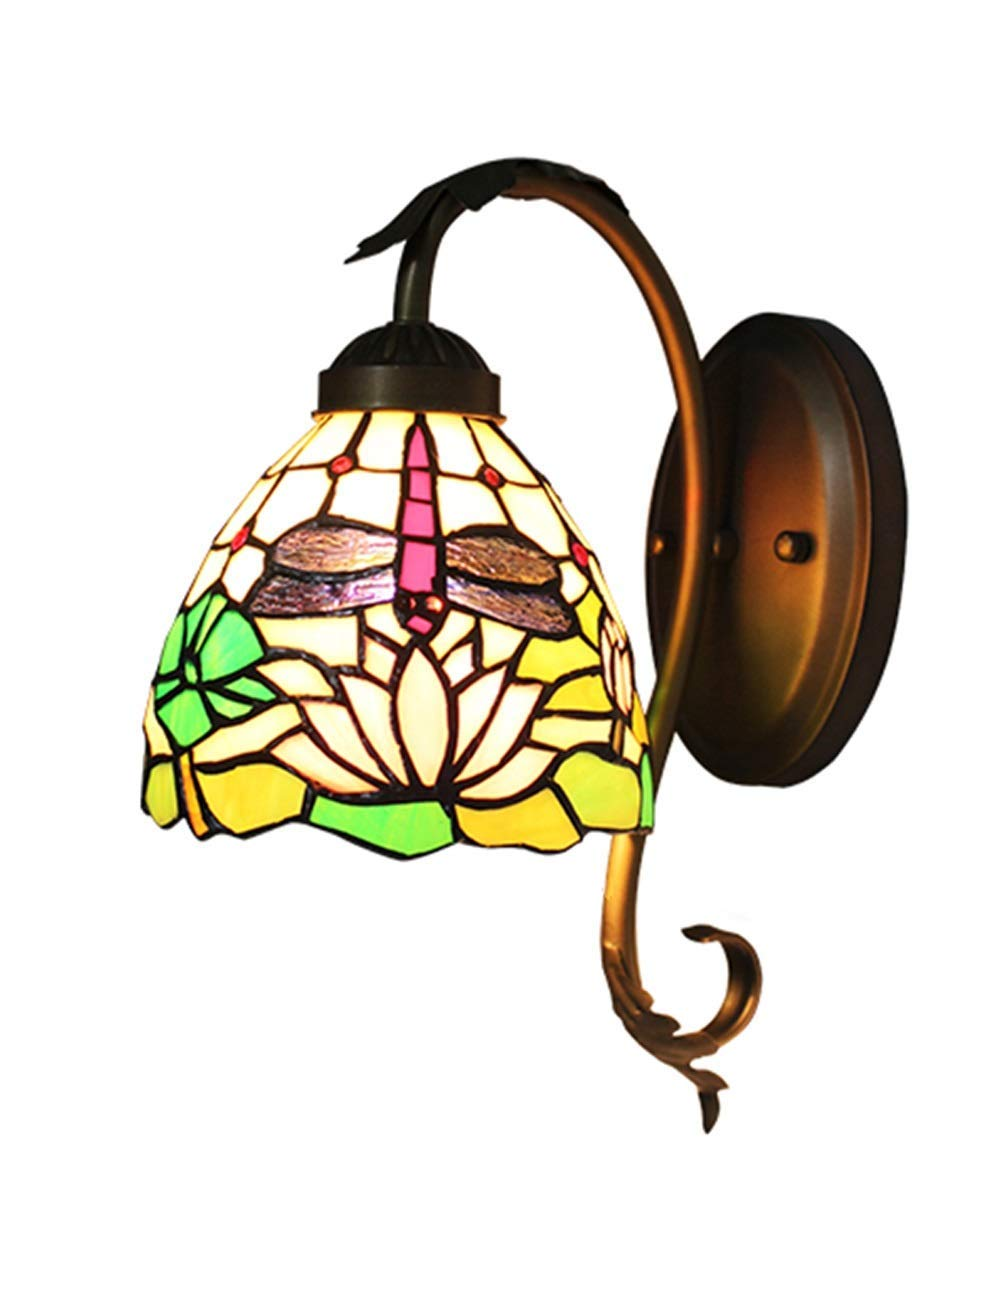 Irinay Warme Innenwandlampe Lotus Emaille Dekoration Elegante Moderne Art Schlafzimmer Nachttisch Wohnzimmer Gang Wand Lampen Badezimmer Spiegel Frontbeleuchtung (Farbe   Colour-Größe)